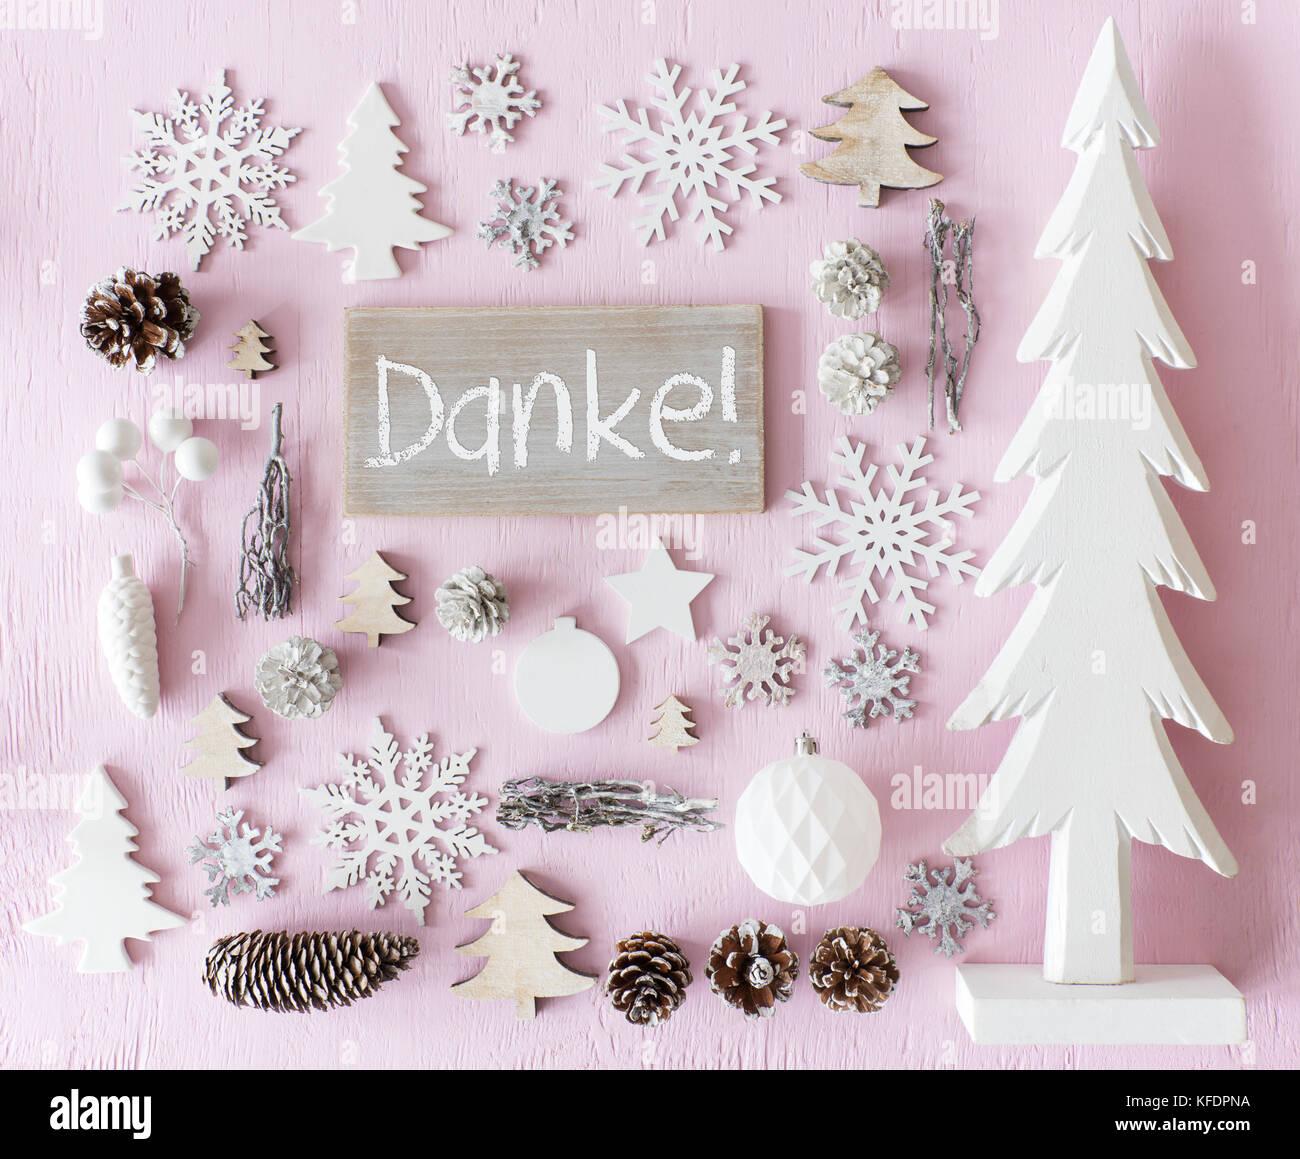 Anmelden mit deutschem Text Danke, Danke. Flach von Weihnachten ...